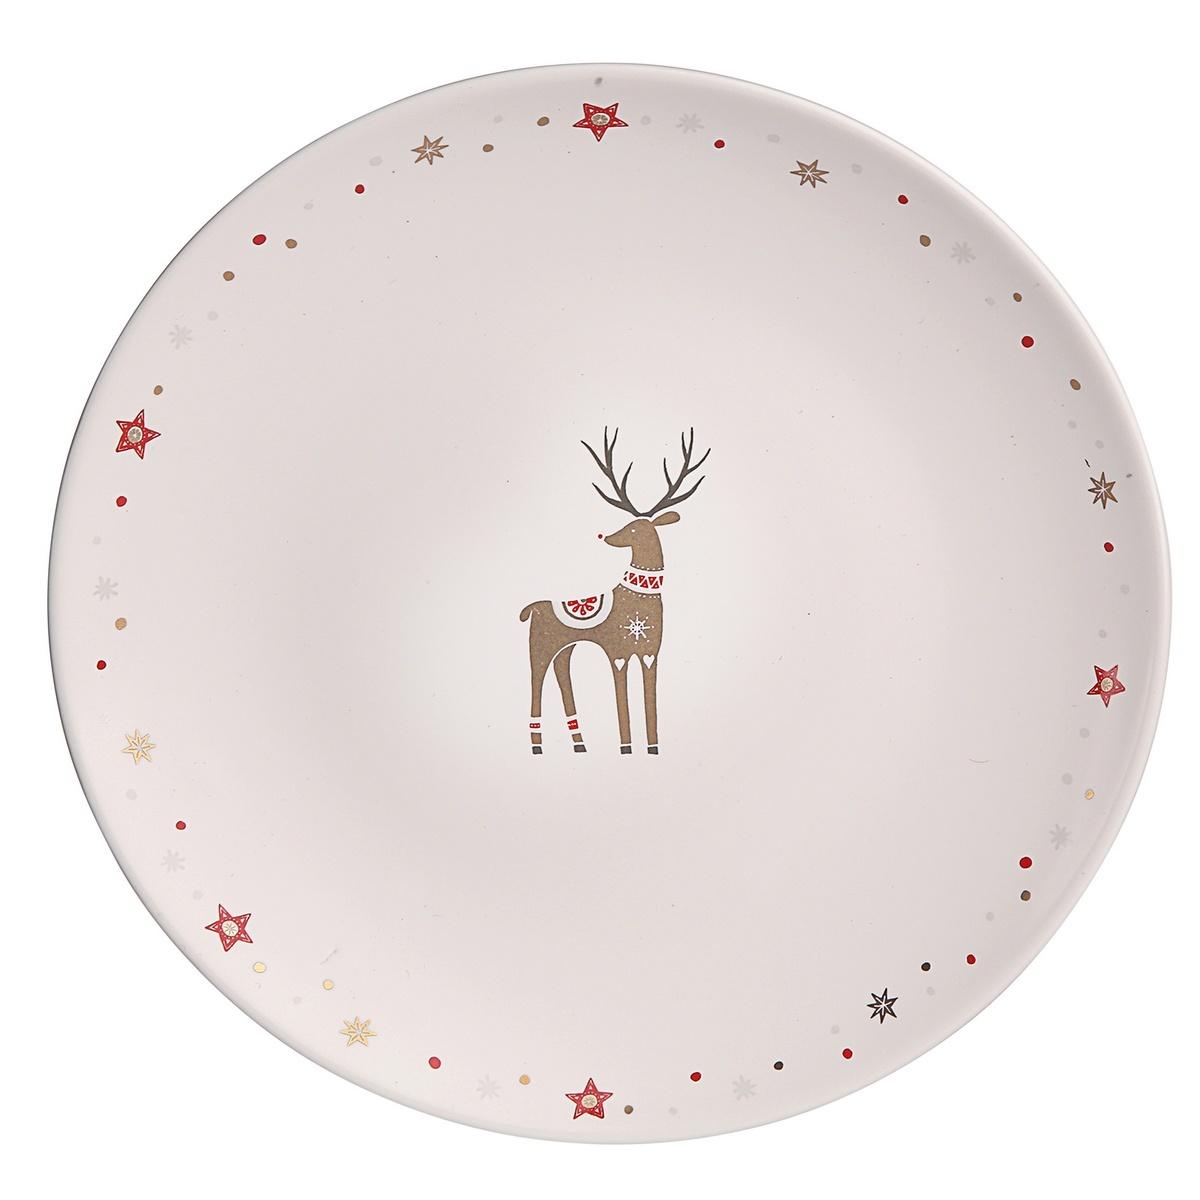 Altom Vánoční porcelánový dezertní talíř, 20 cm